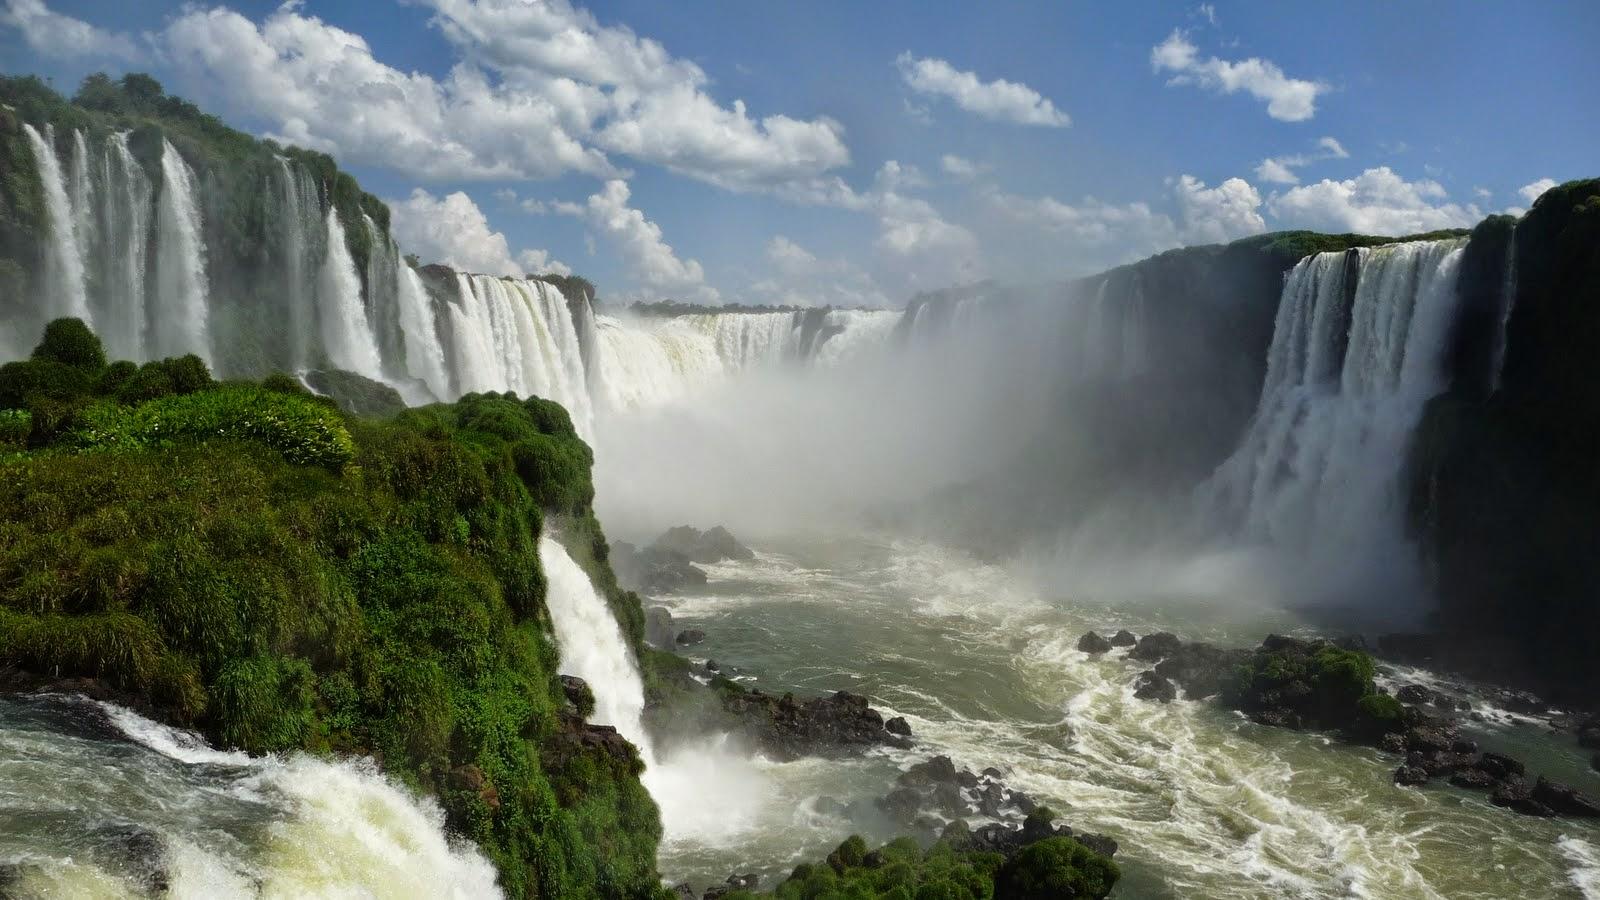 Fotos increíbles en las Cataratas de Iguazú